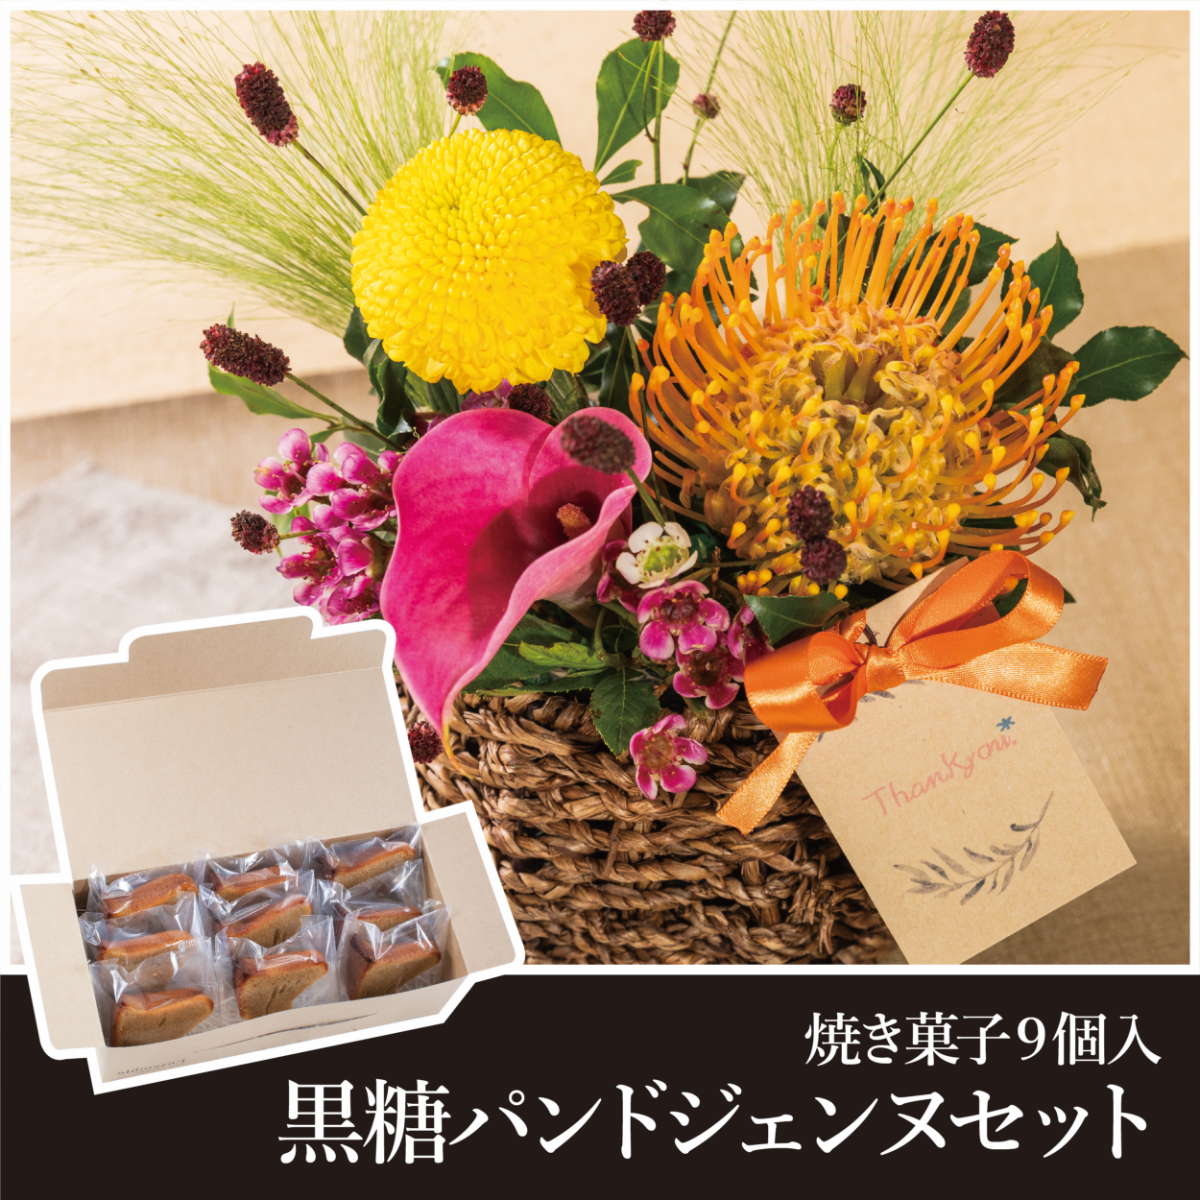 【敬老の日限定販売】生花アレンジメントpetit+黒糖パンドジェンヌプティ 9個入